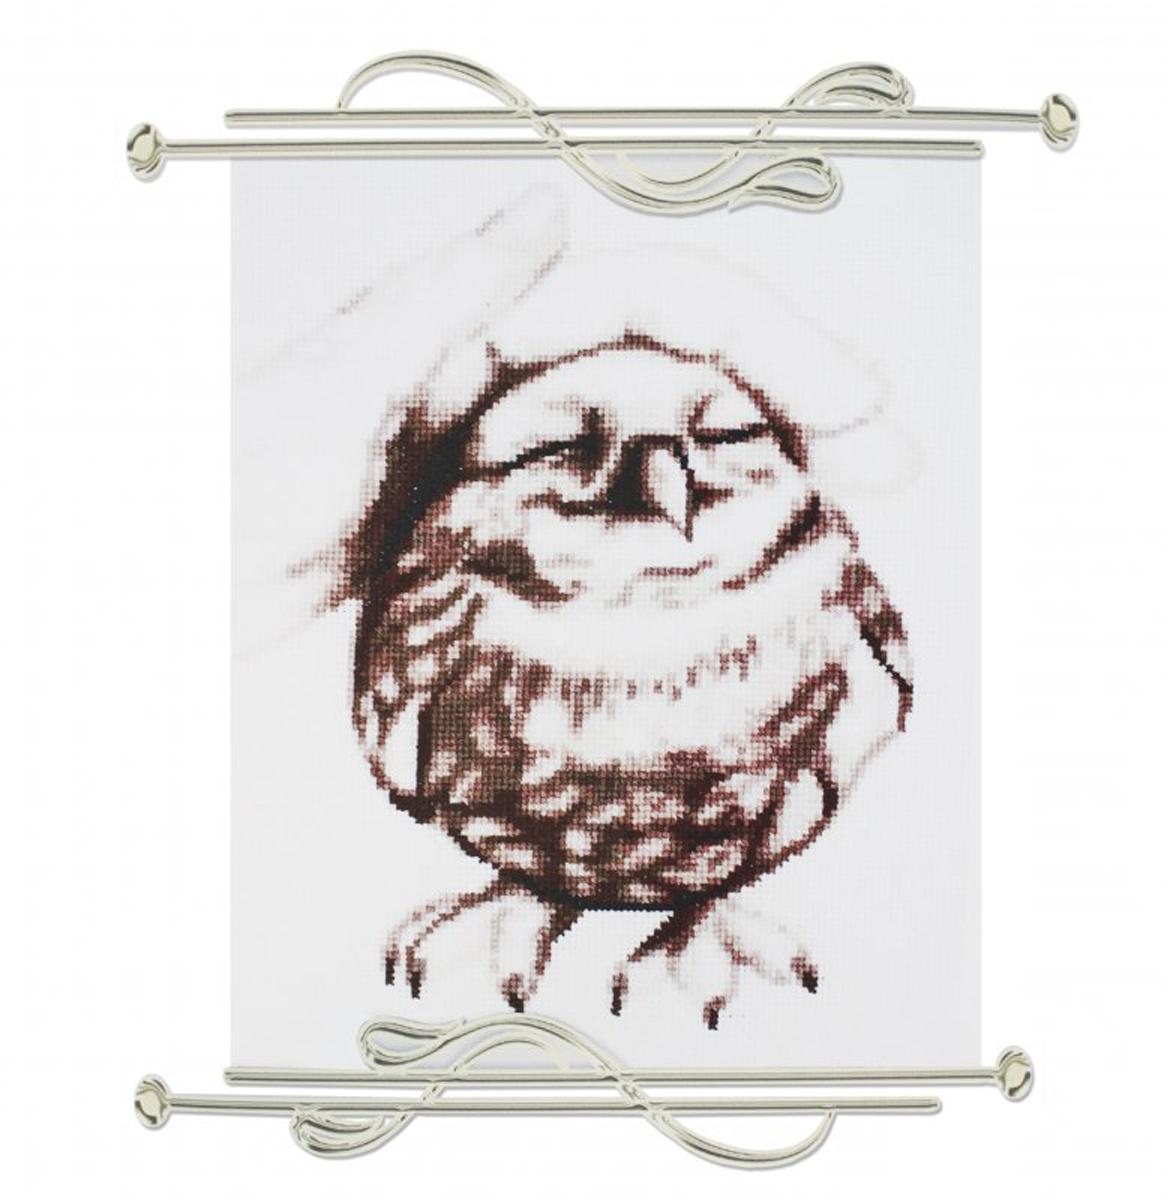 Набор для вышивания крестом Alisena Птенчик счастья, 16 х 20 см7714193Набор для вышивания крестом Alisena Птенчик счастья поможет вам создать свой личный шедевр - красивую картину, вышитую в технике счетный крест. Вышивание отвлечет вас от повседневных забот и превратится в увлекательное занятие! В набор входит: - канва Aida Zweigart (100% хлопок), - цветная схема, - нитки-мулине Anchor (13 цветов), - игла, - инструкция на русском языке.